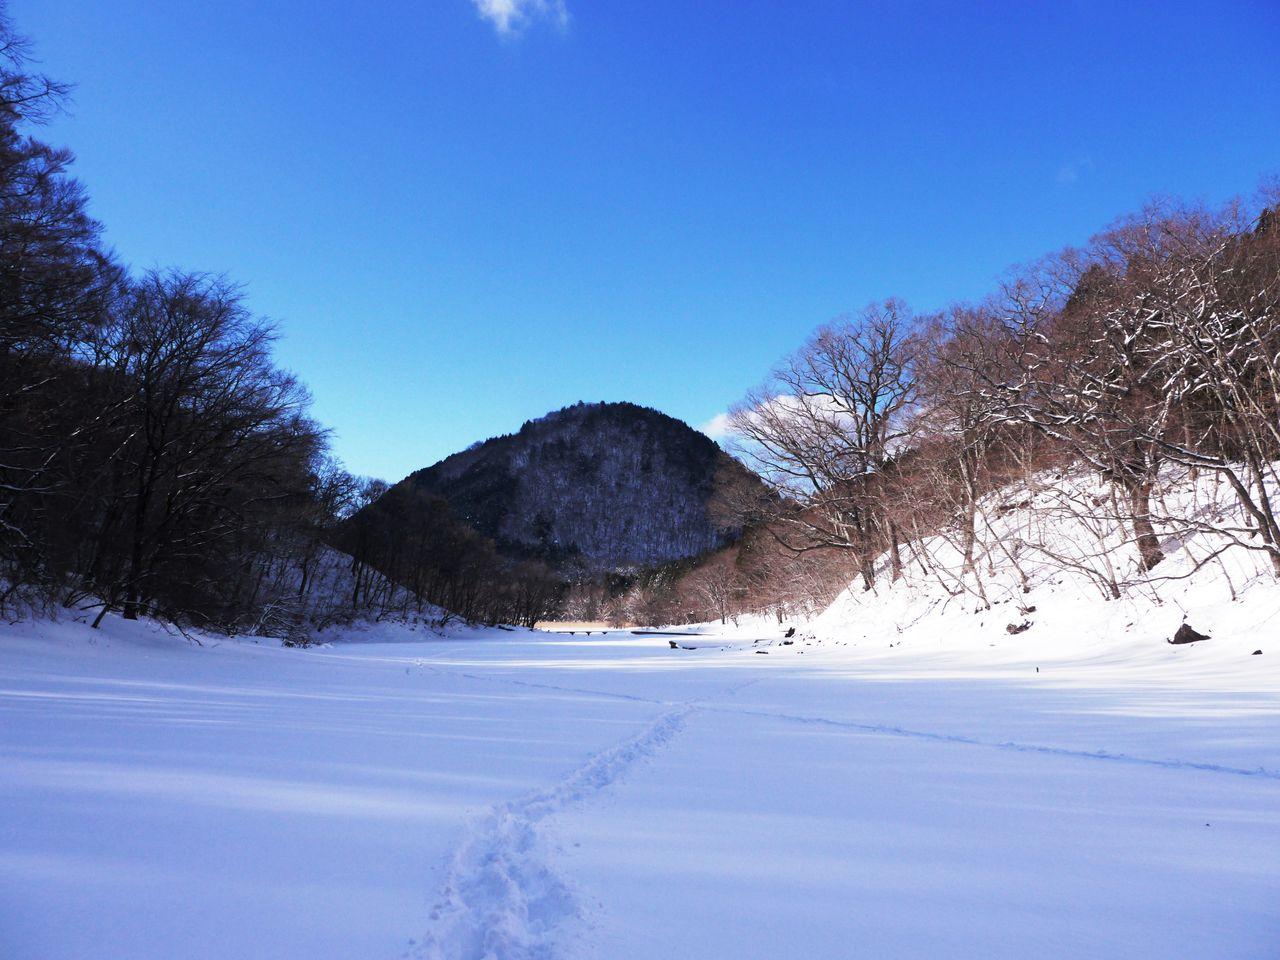 b40a1461.jpg冬の大沼